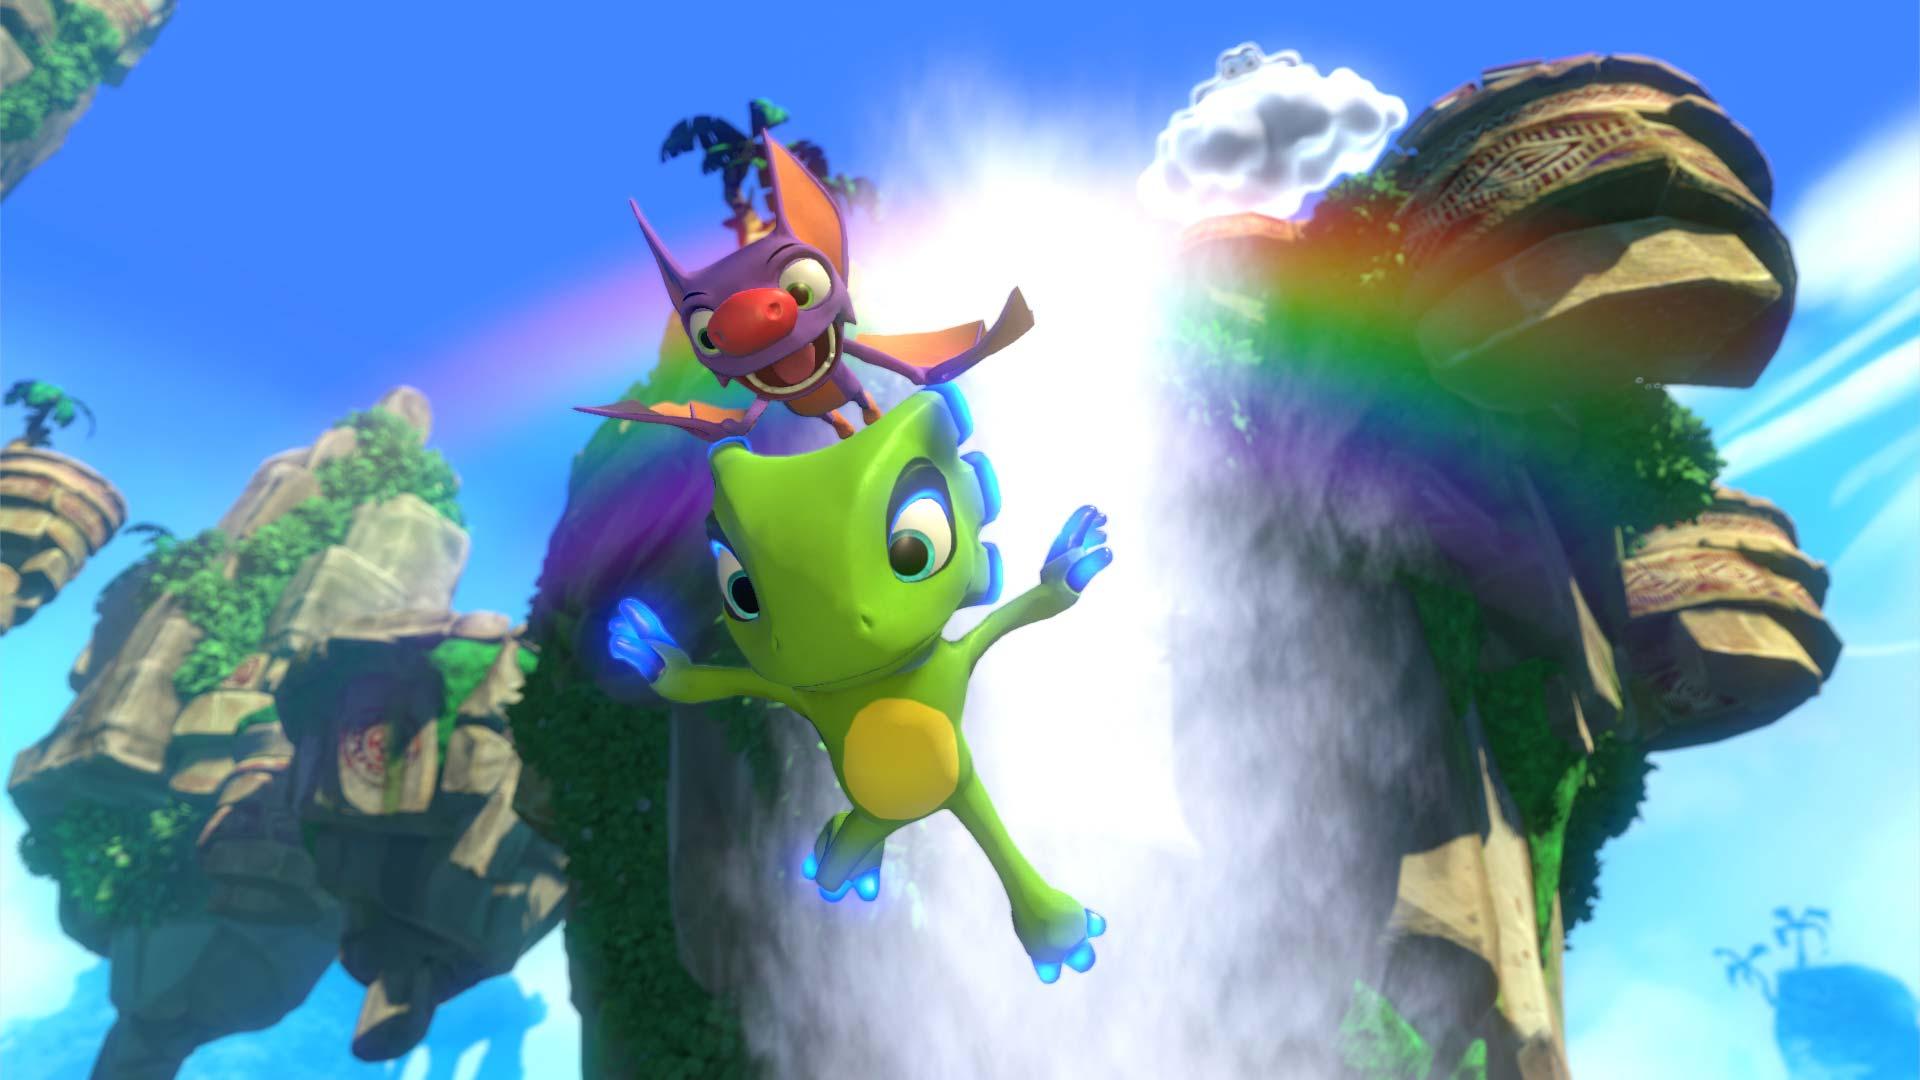 Yooka-Laylee jumping